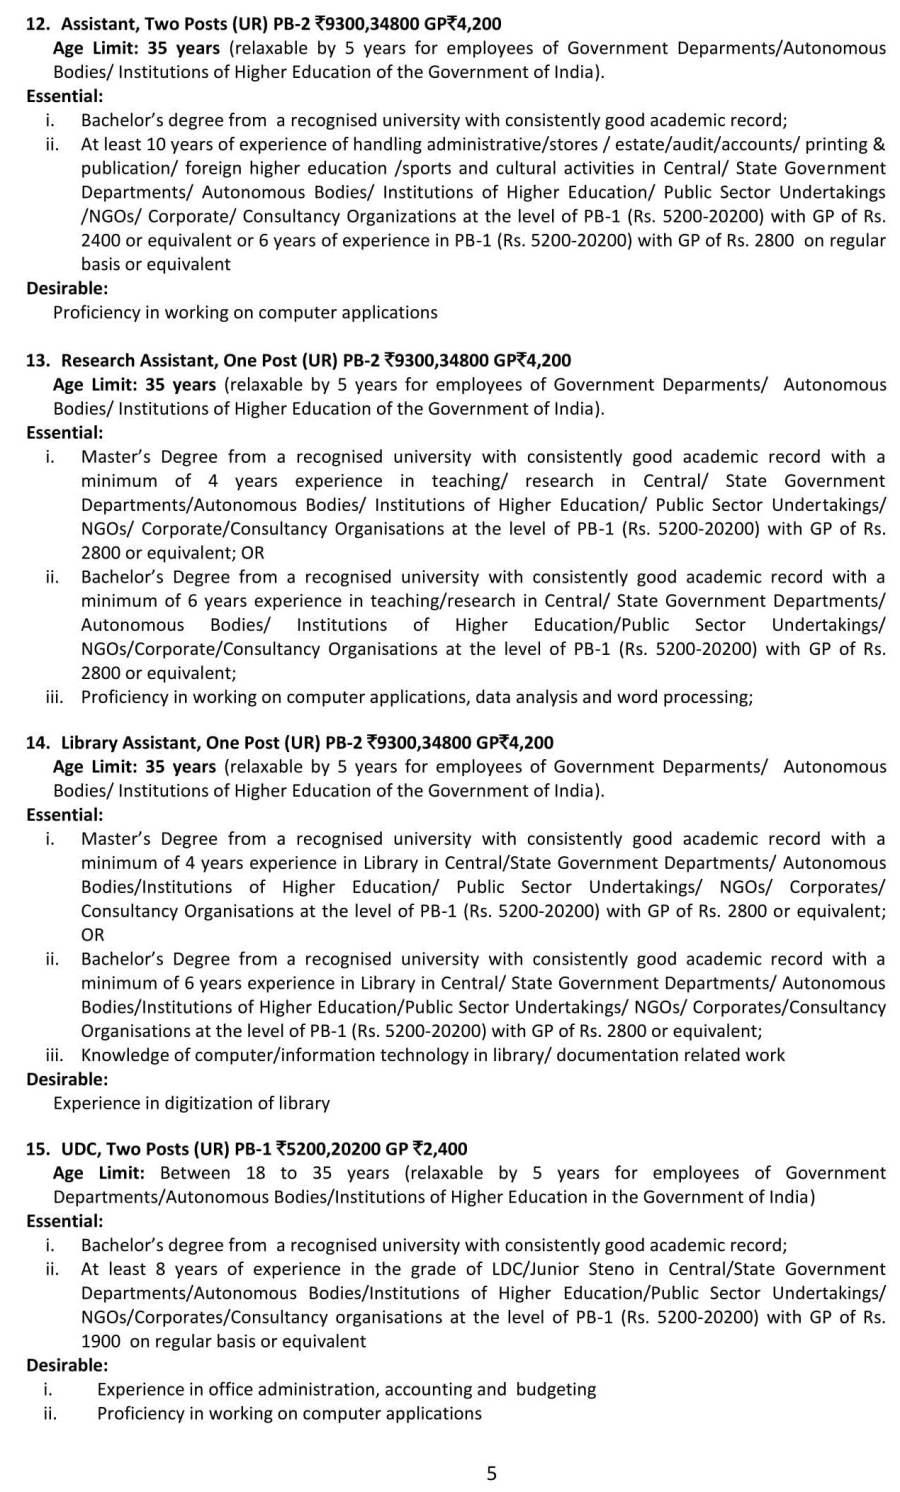 Advt details-5.jpg